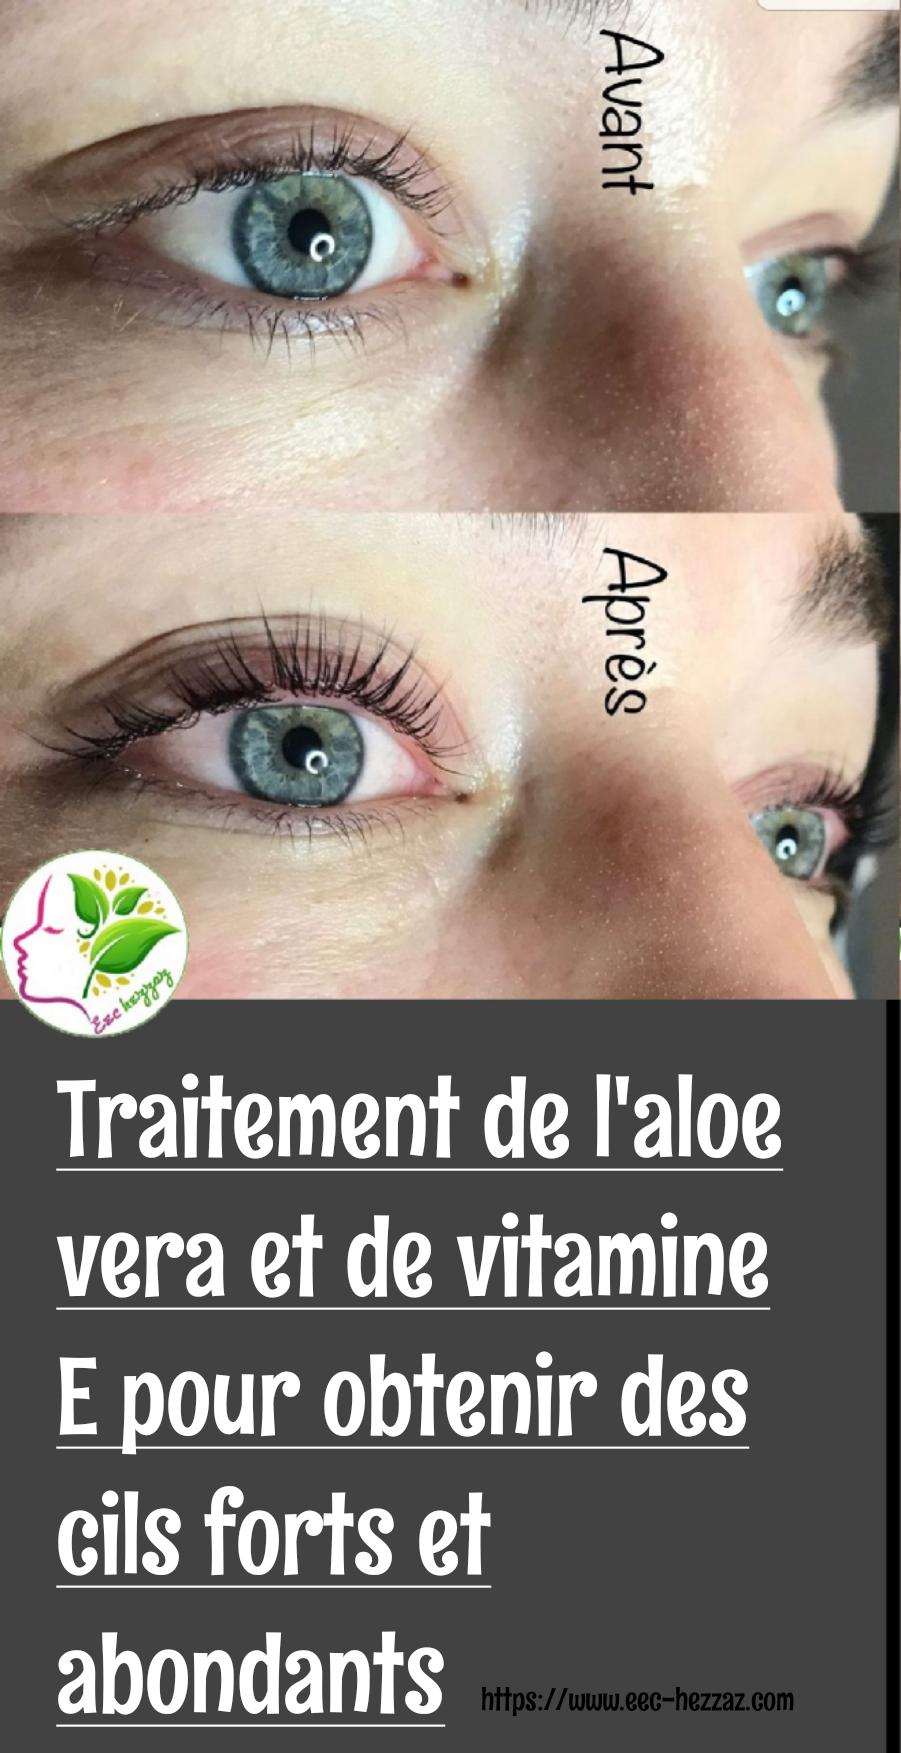 Traitement de l'aloe vera et de vitamine E pour obtenir des cils forts et abondants